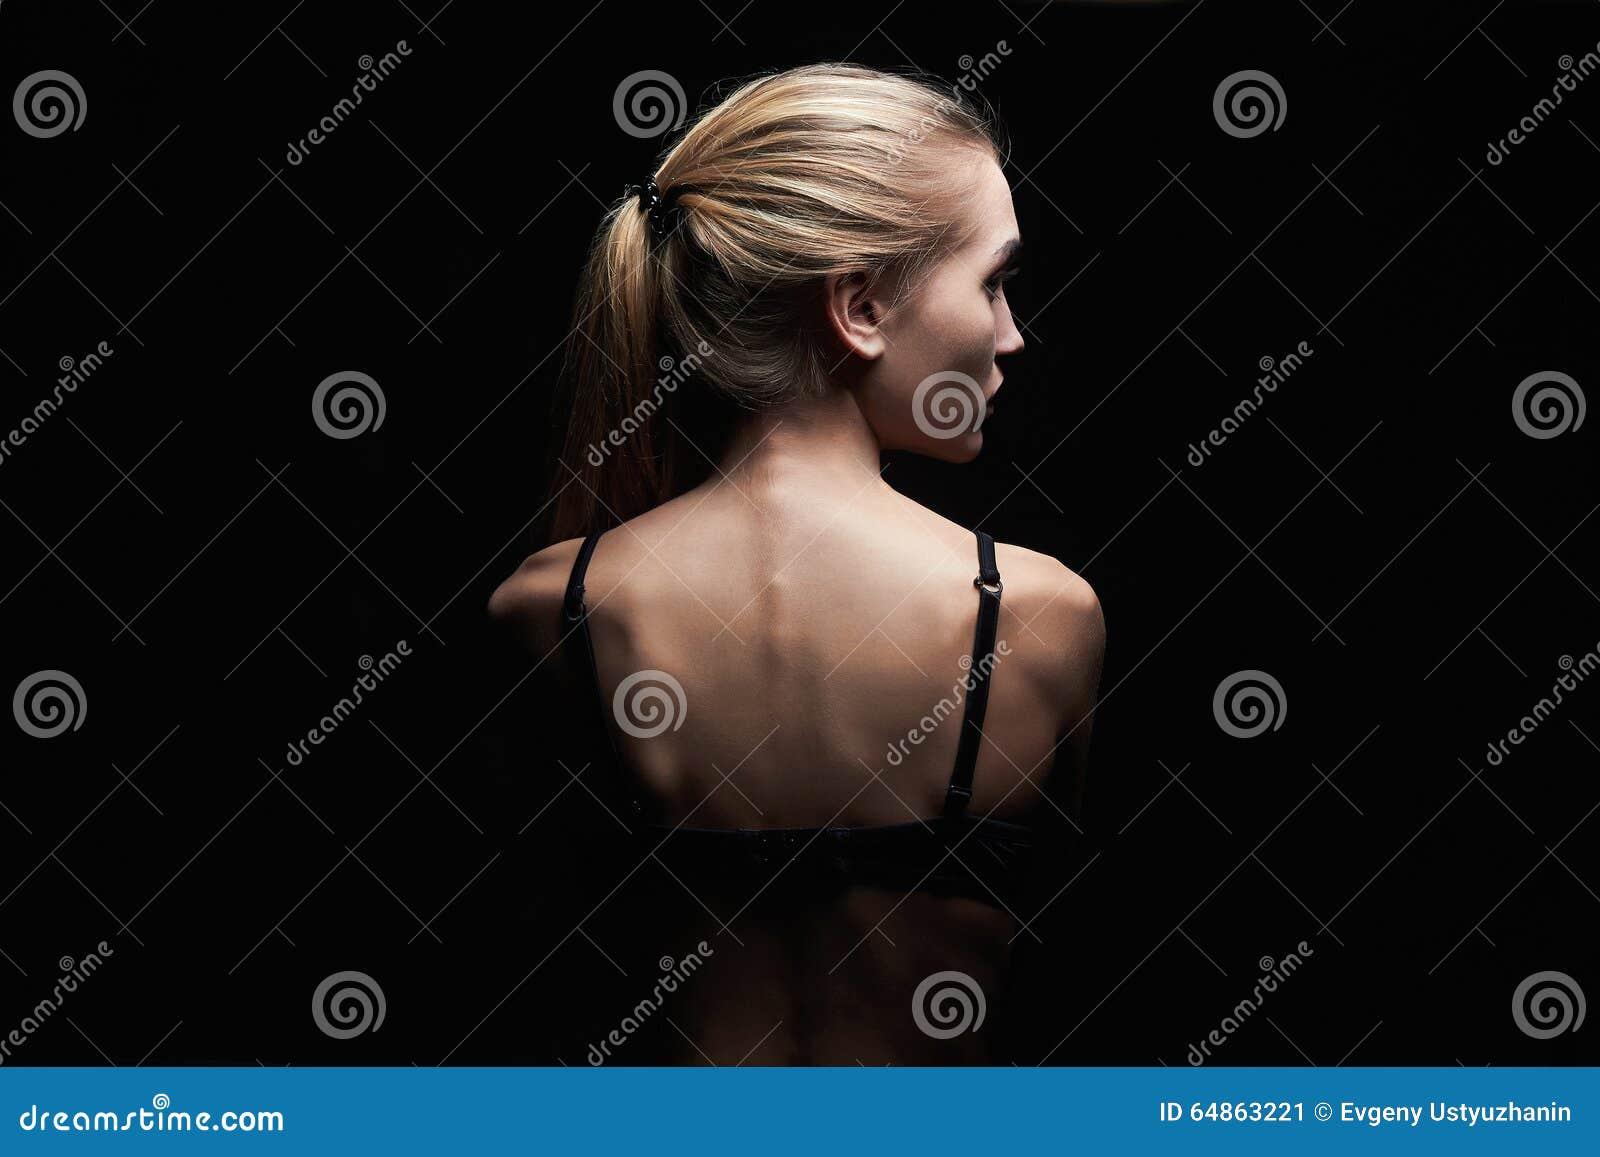 Όμορφη μαύρο μουνί φωτογραφίες